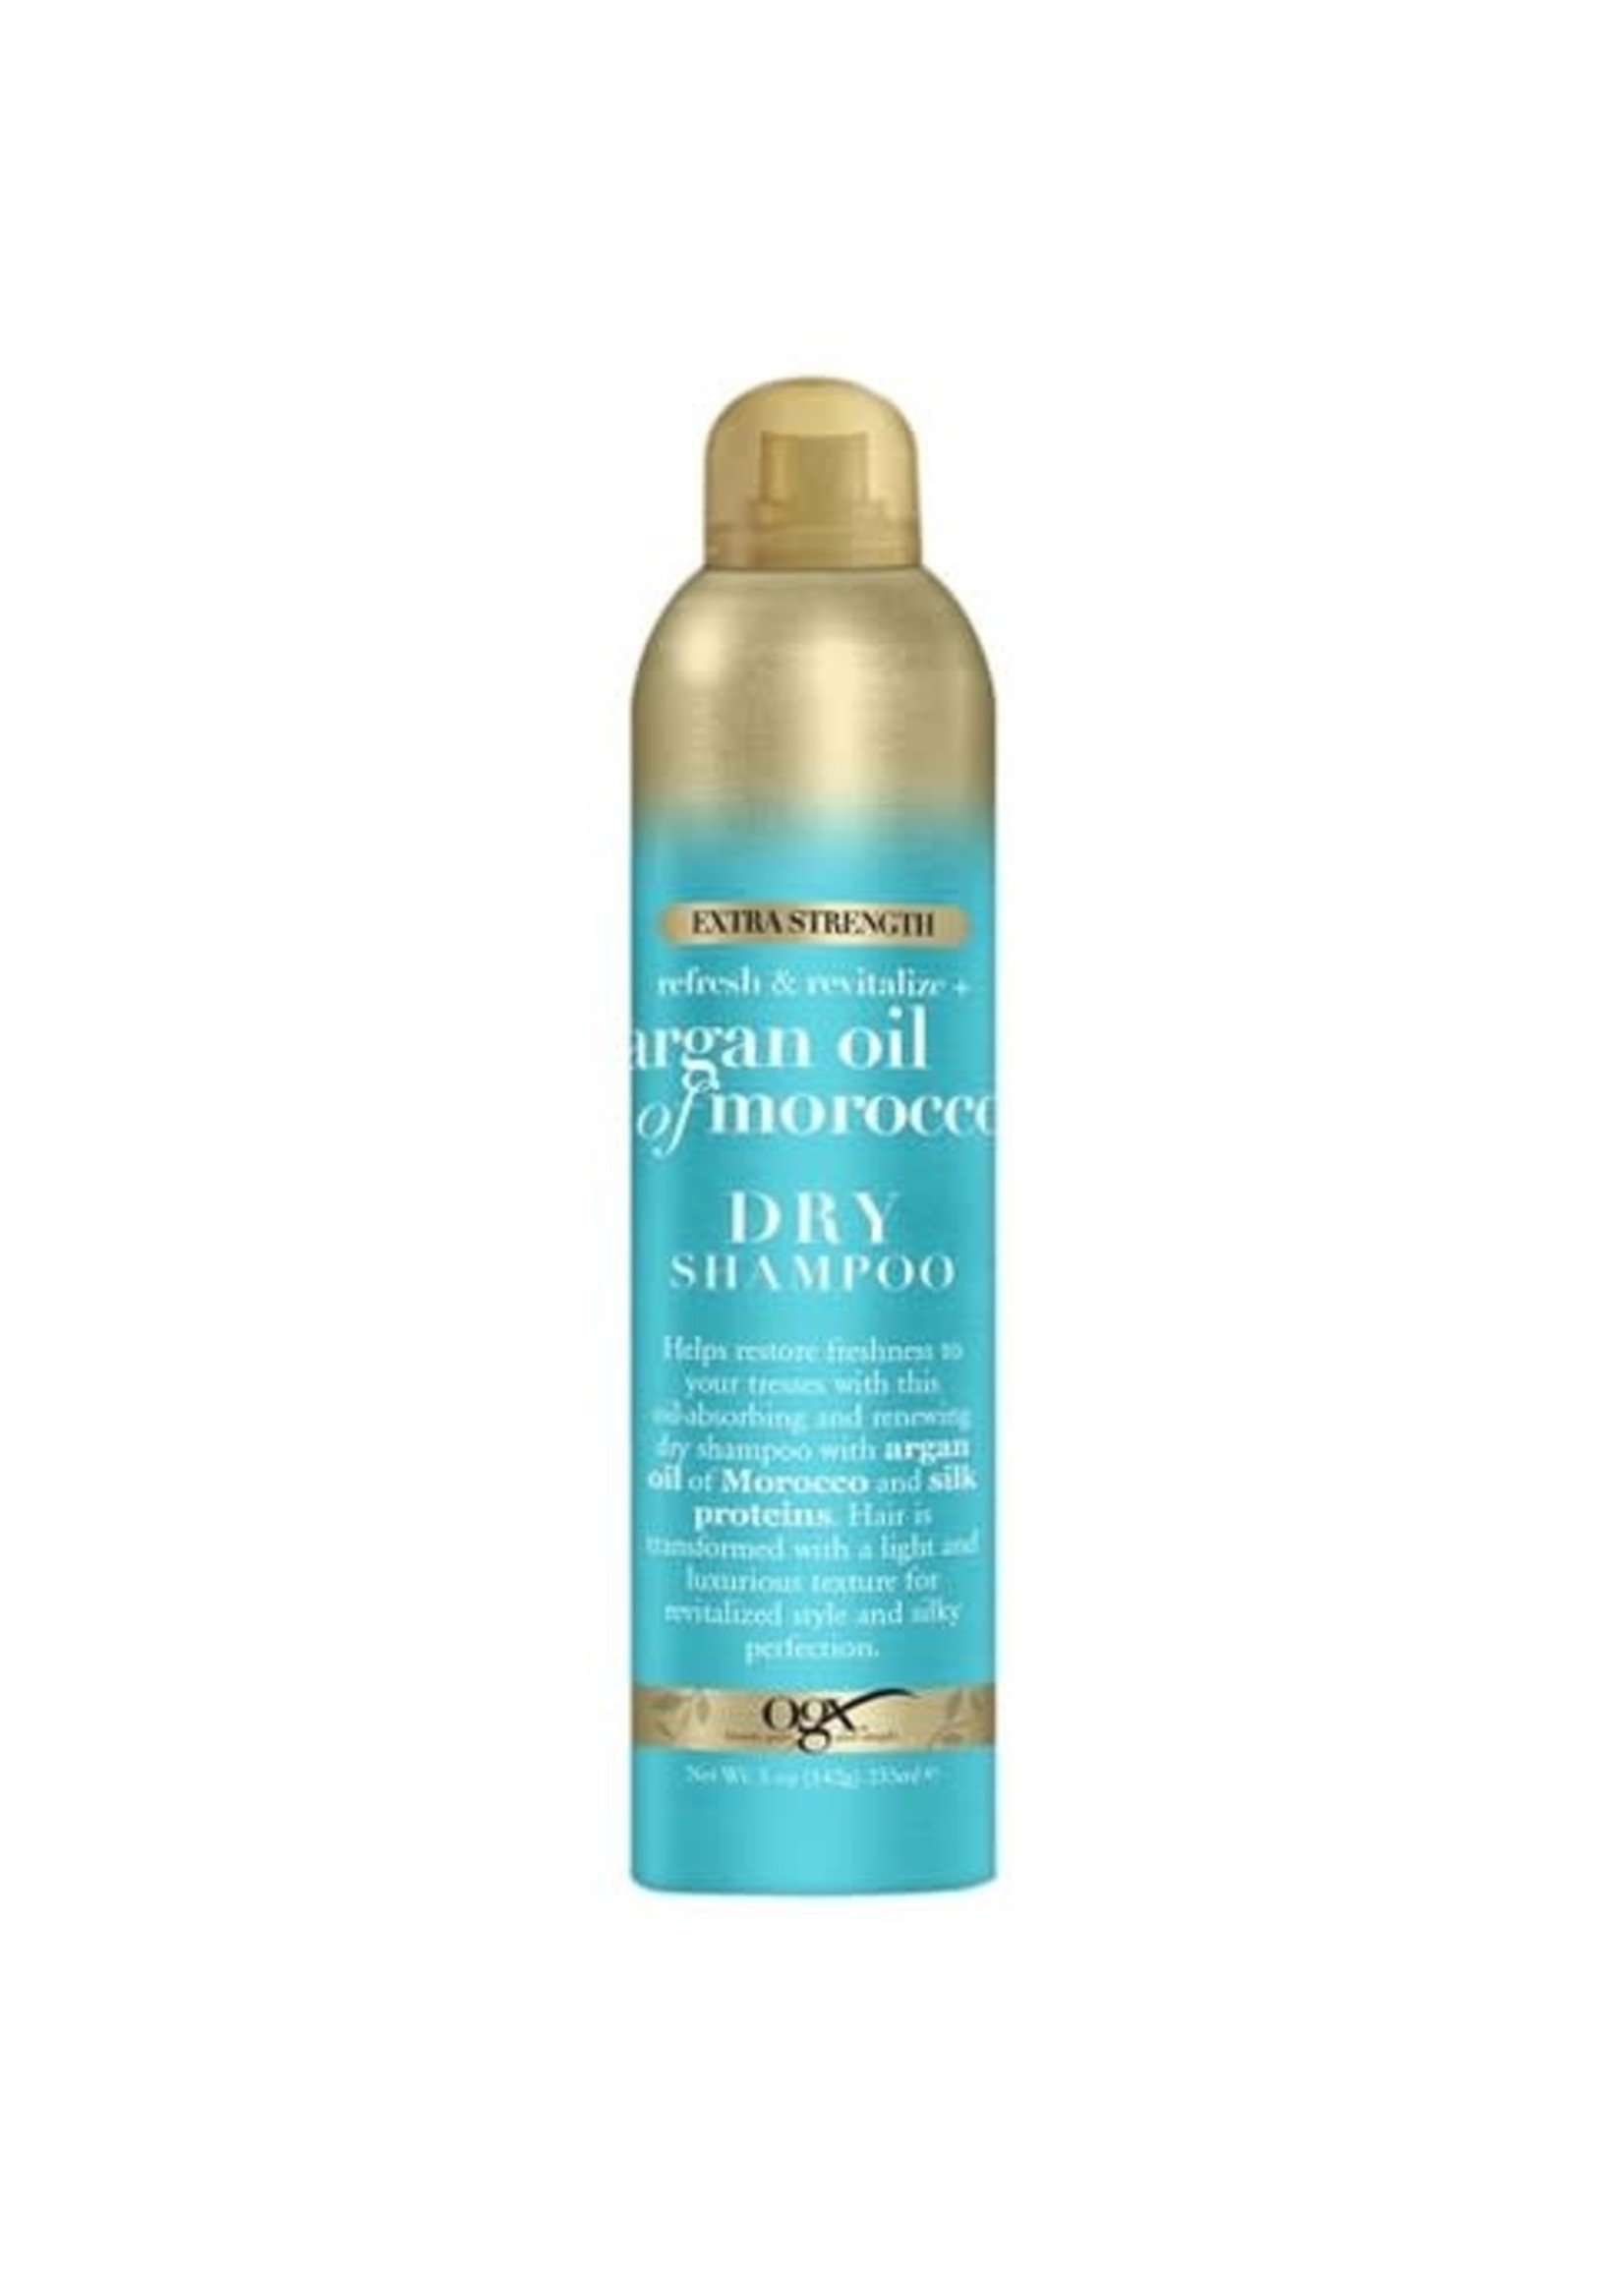 OGX Argan Oil of Morocco Dry Shampoo 5oz